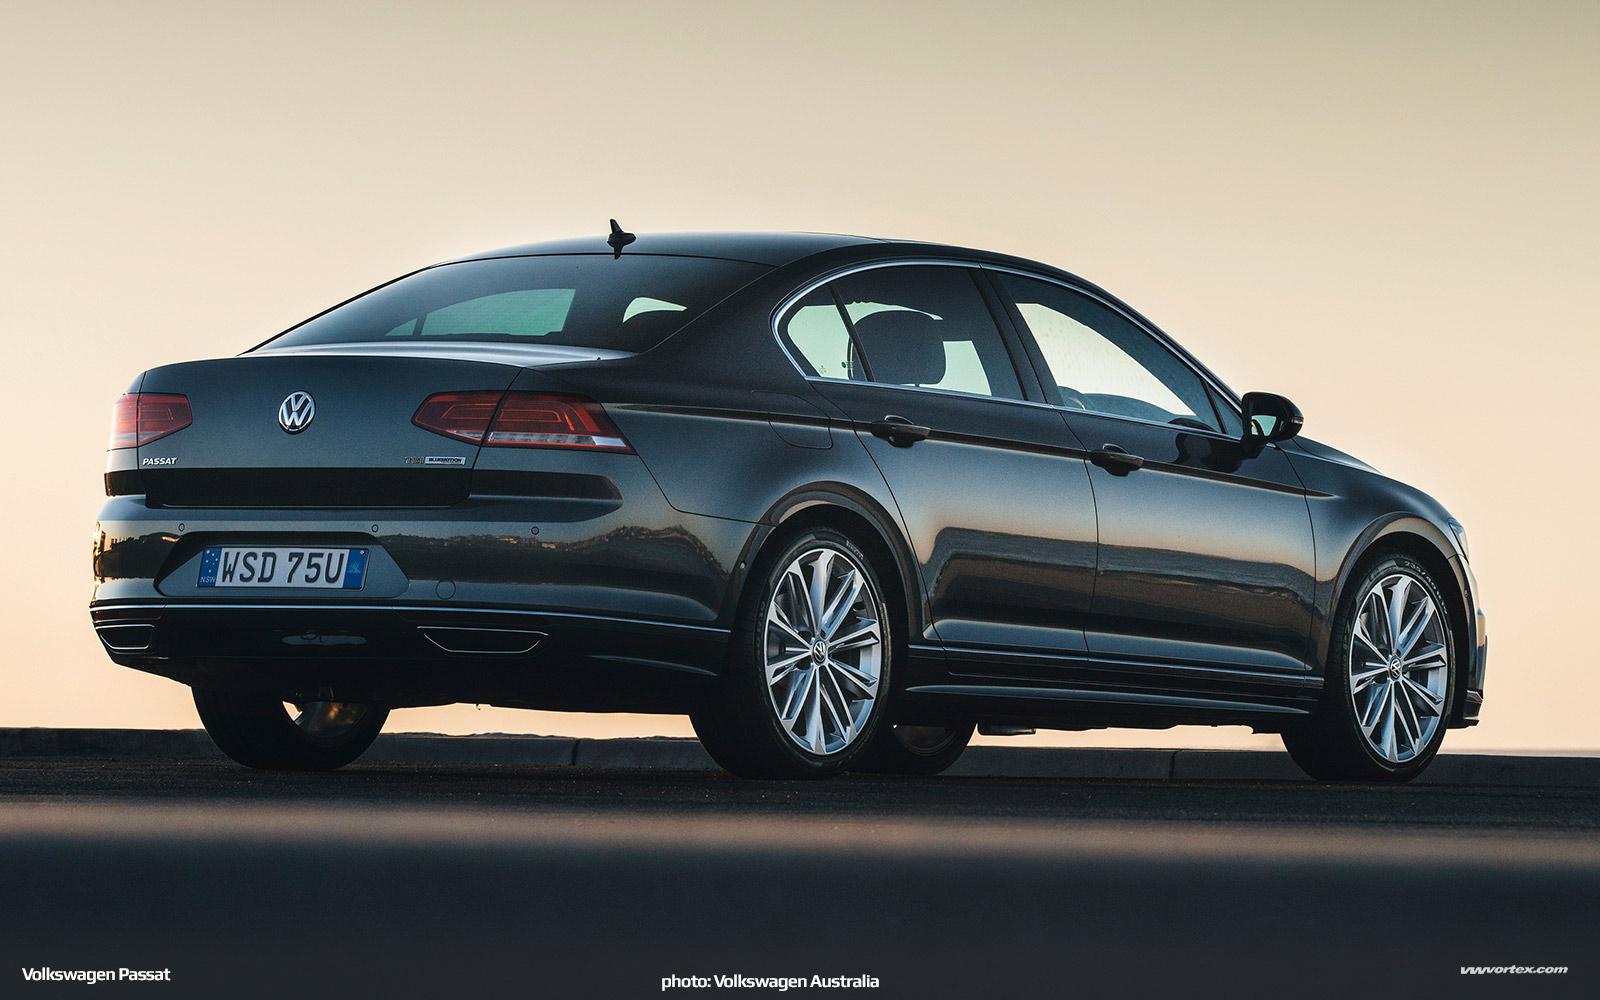 Volkswagen-Passat-Australia-2016-285